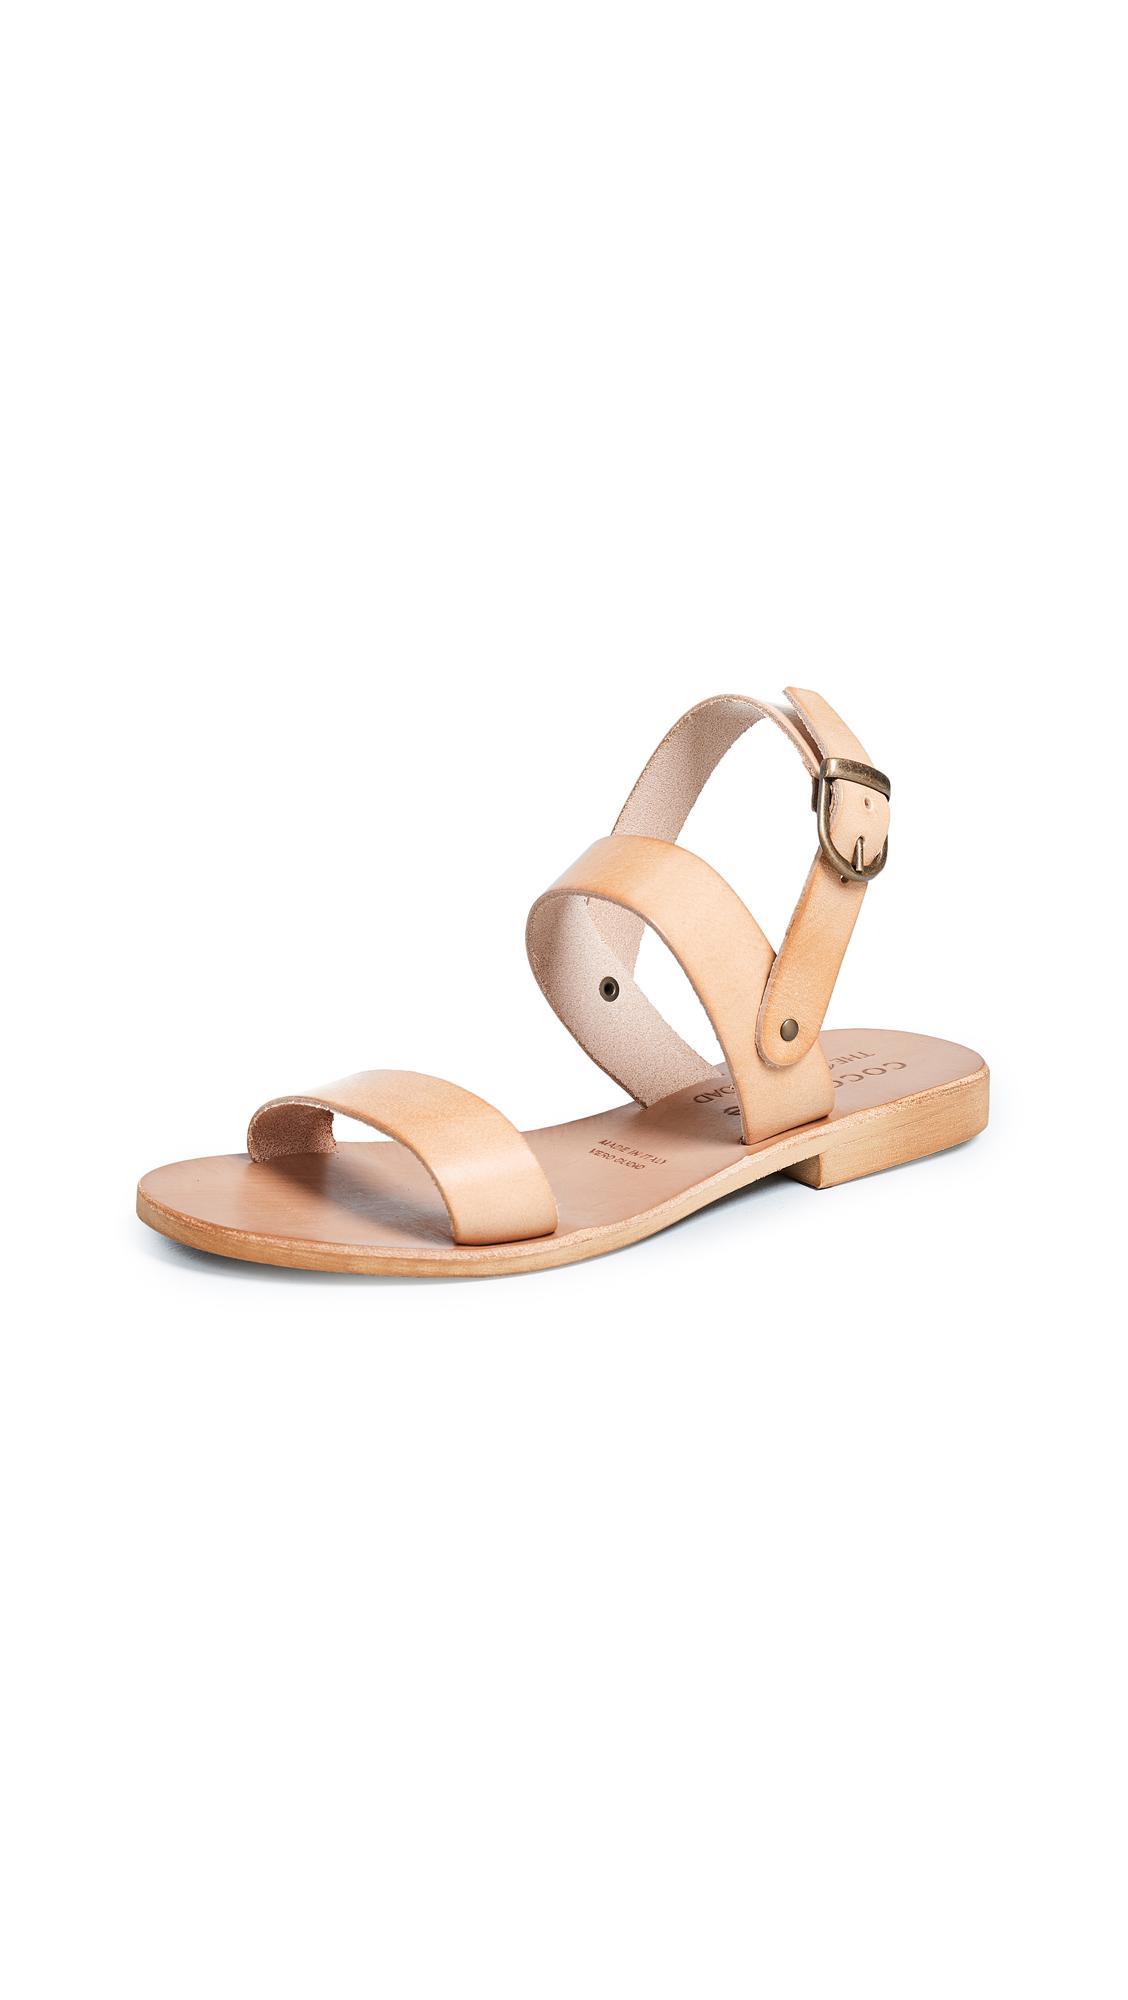 908e8a44e14a84 Cocobelle Kiki Ankle Strap Sandals In Tan